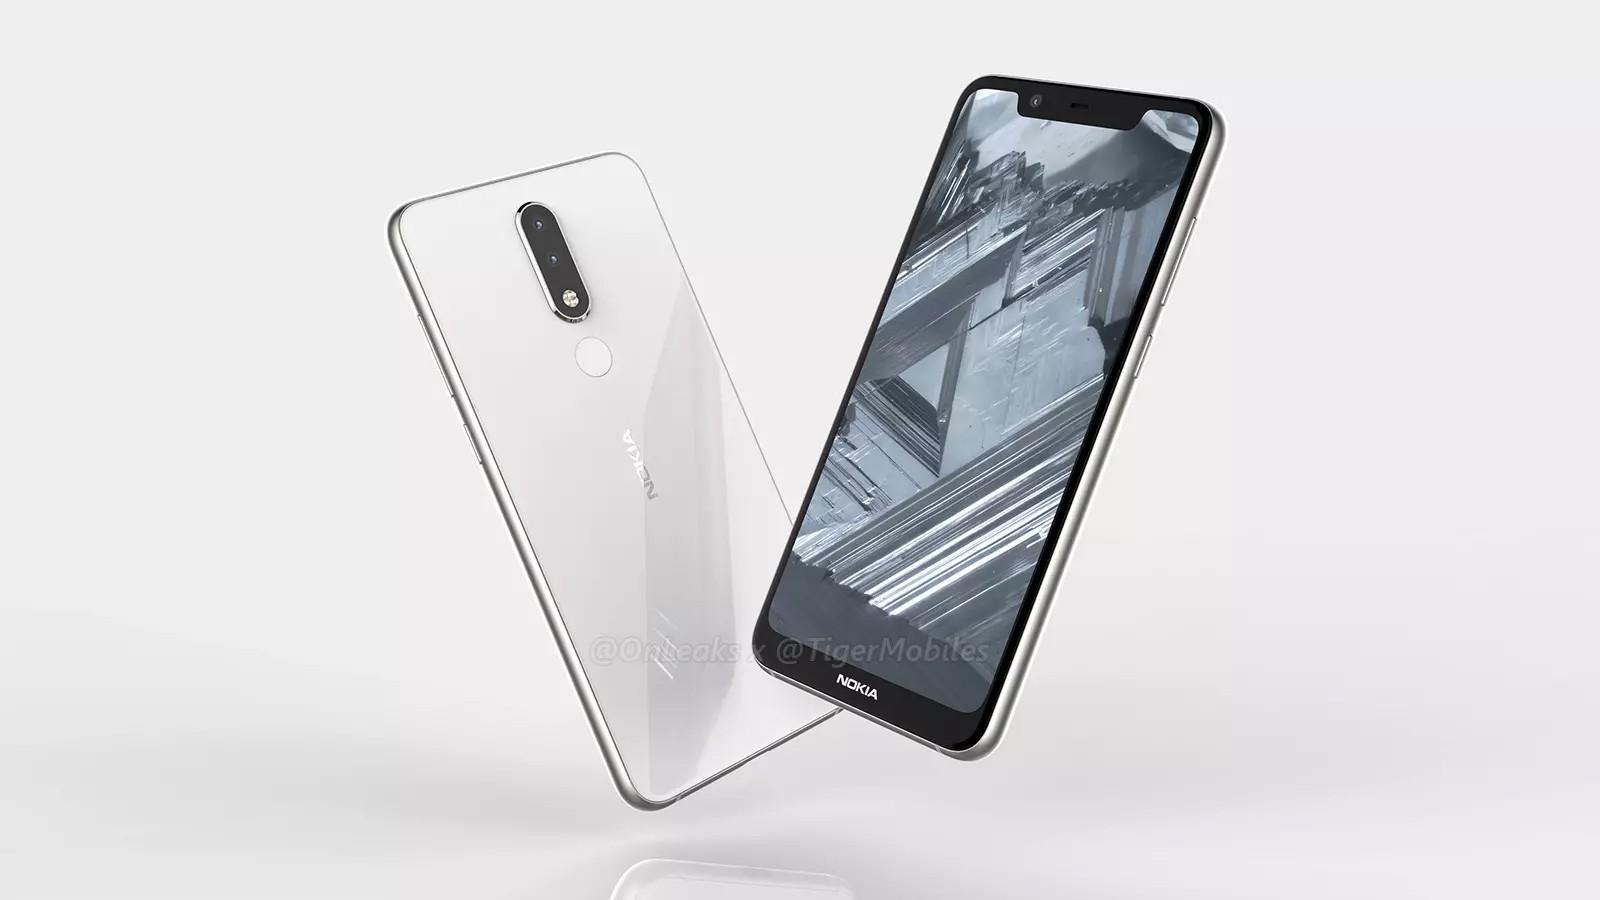 Первые рендеры Nokia 5.1 Plus с вырезом в экране и двойной камерой